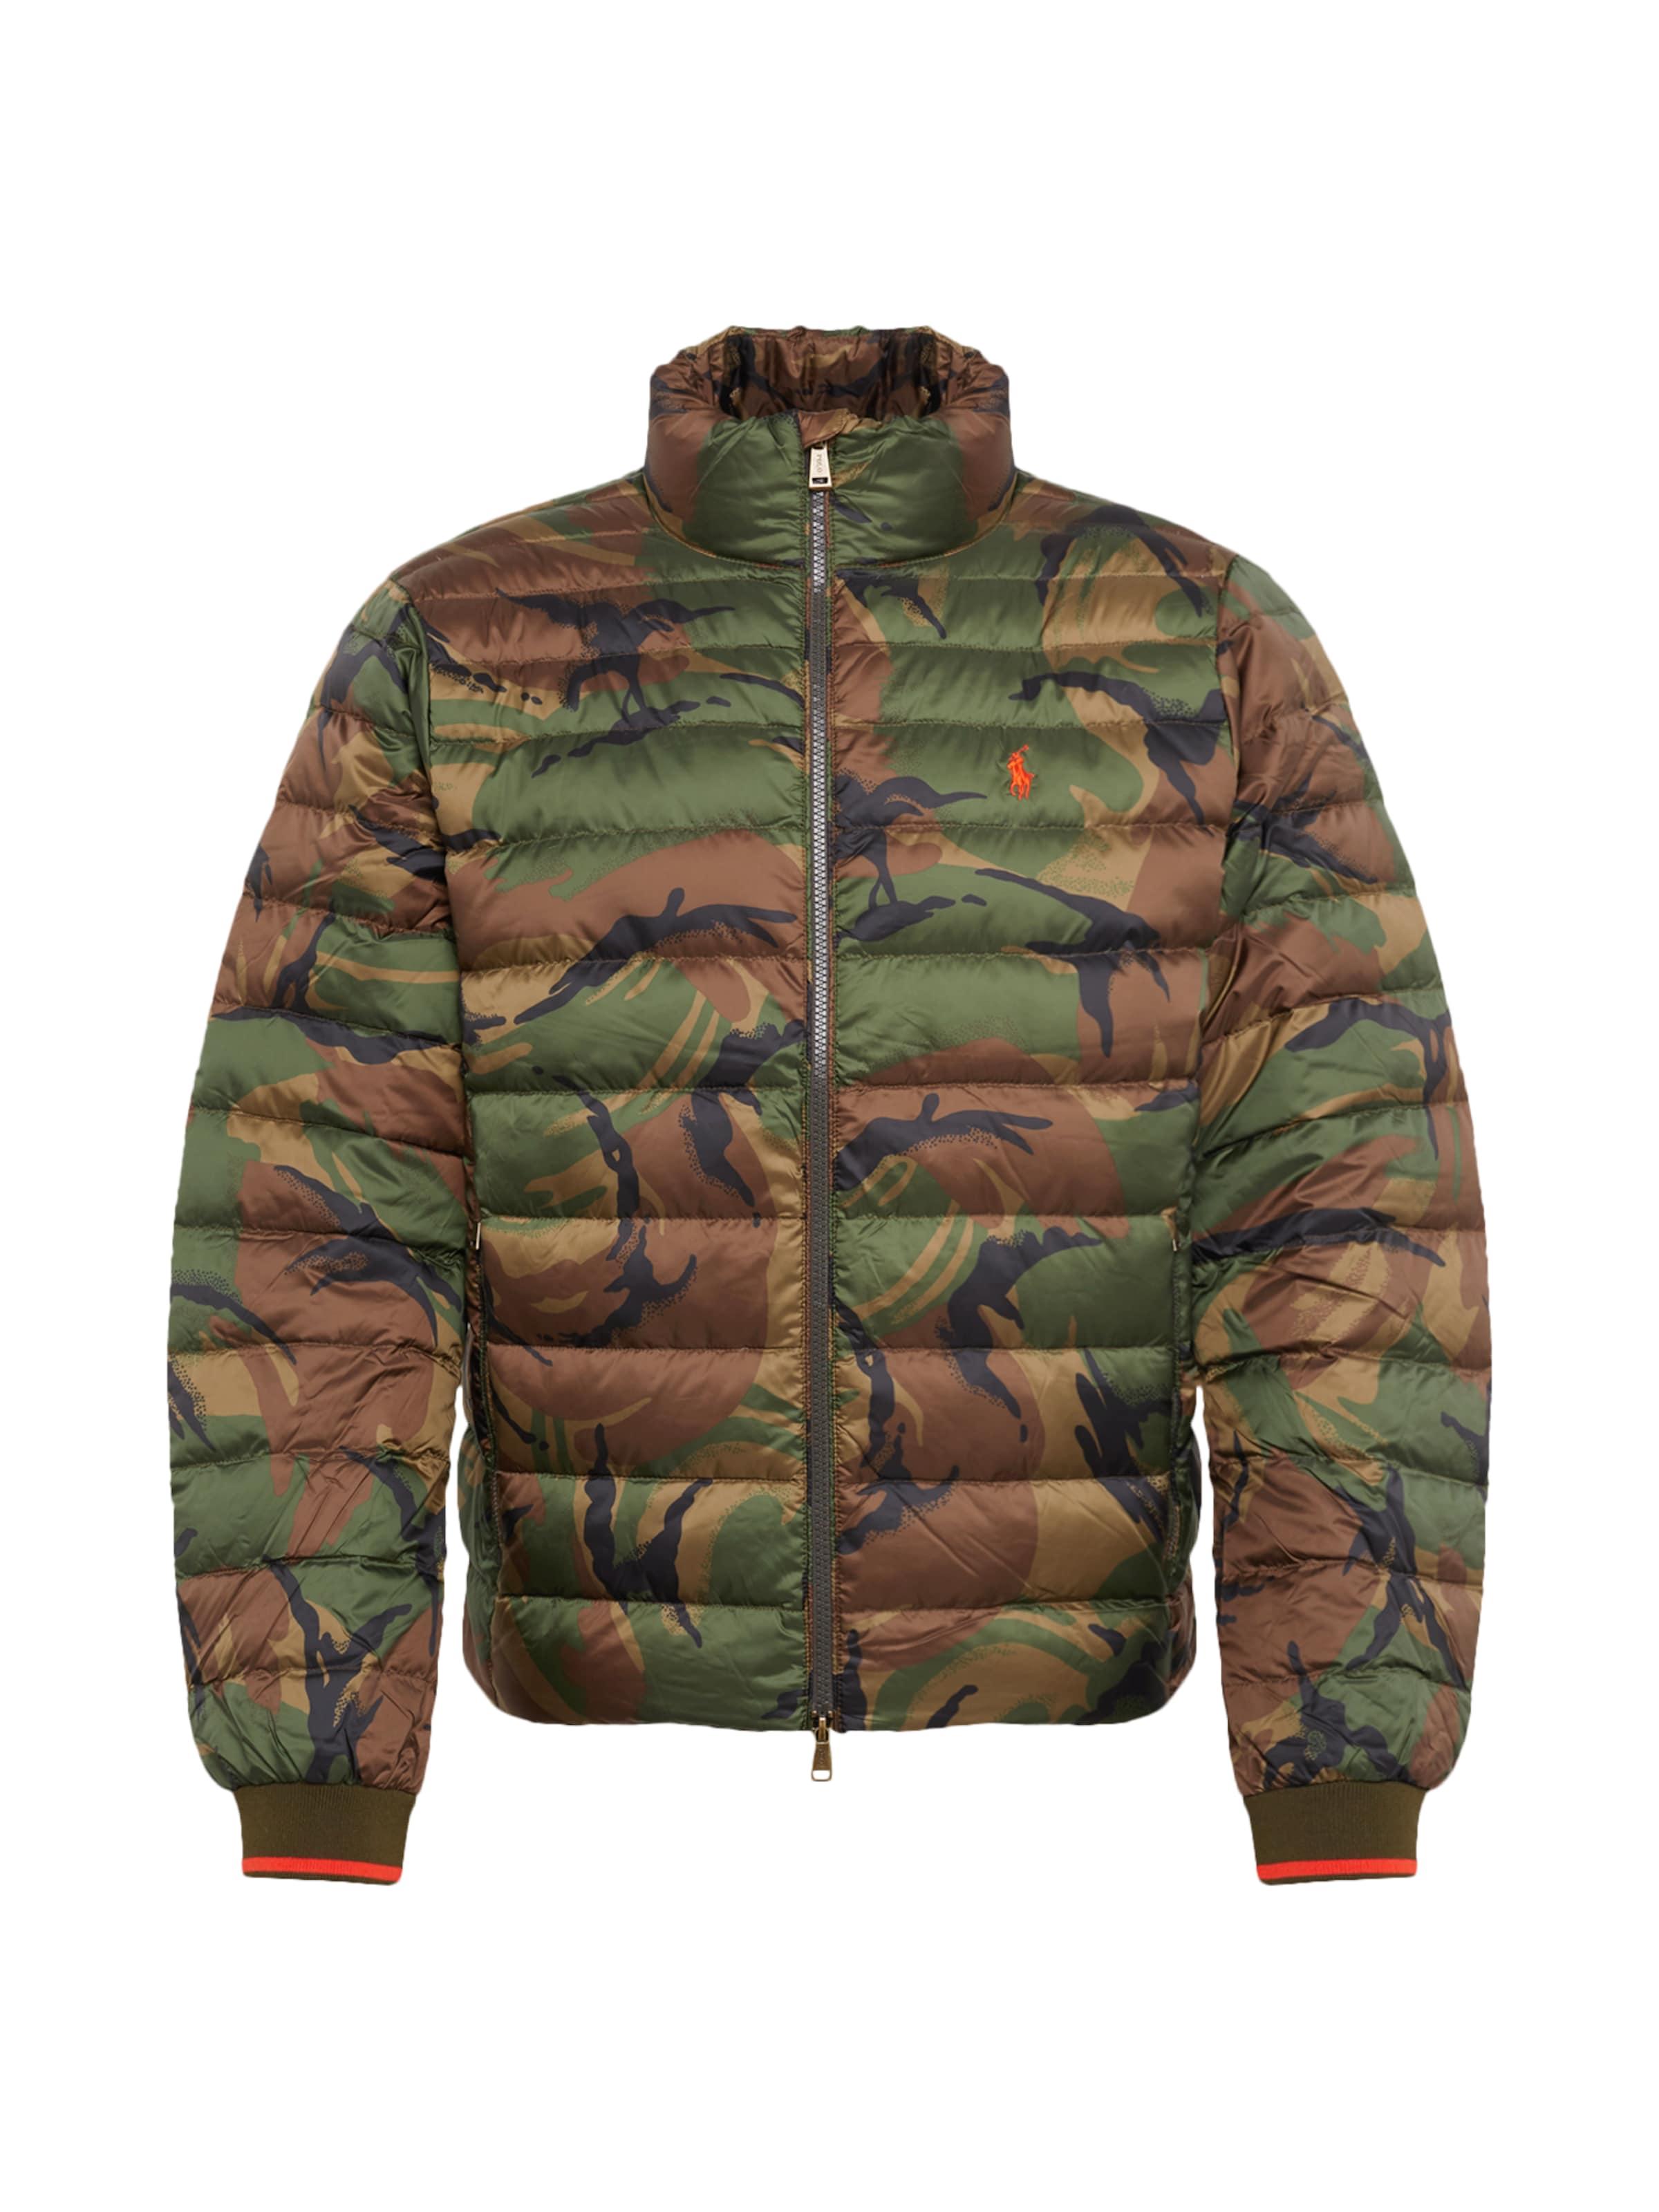 MarronVert Veste D'hiver Jacket' Polo 'holden Ralph En Lauren V2 0kPw8OXn